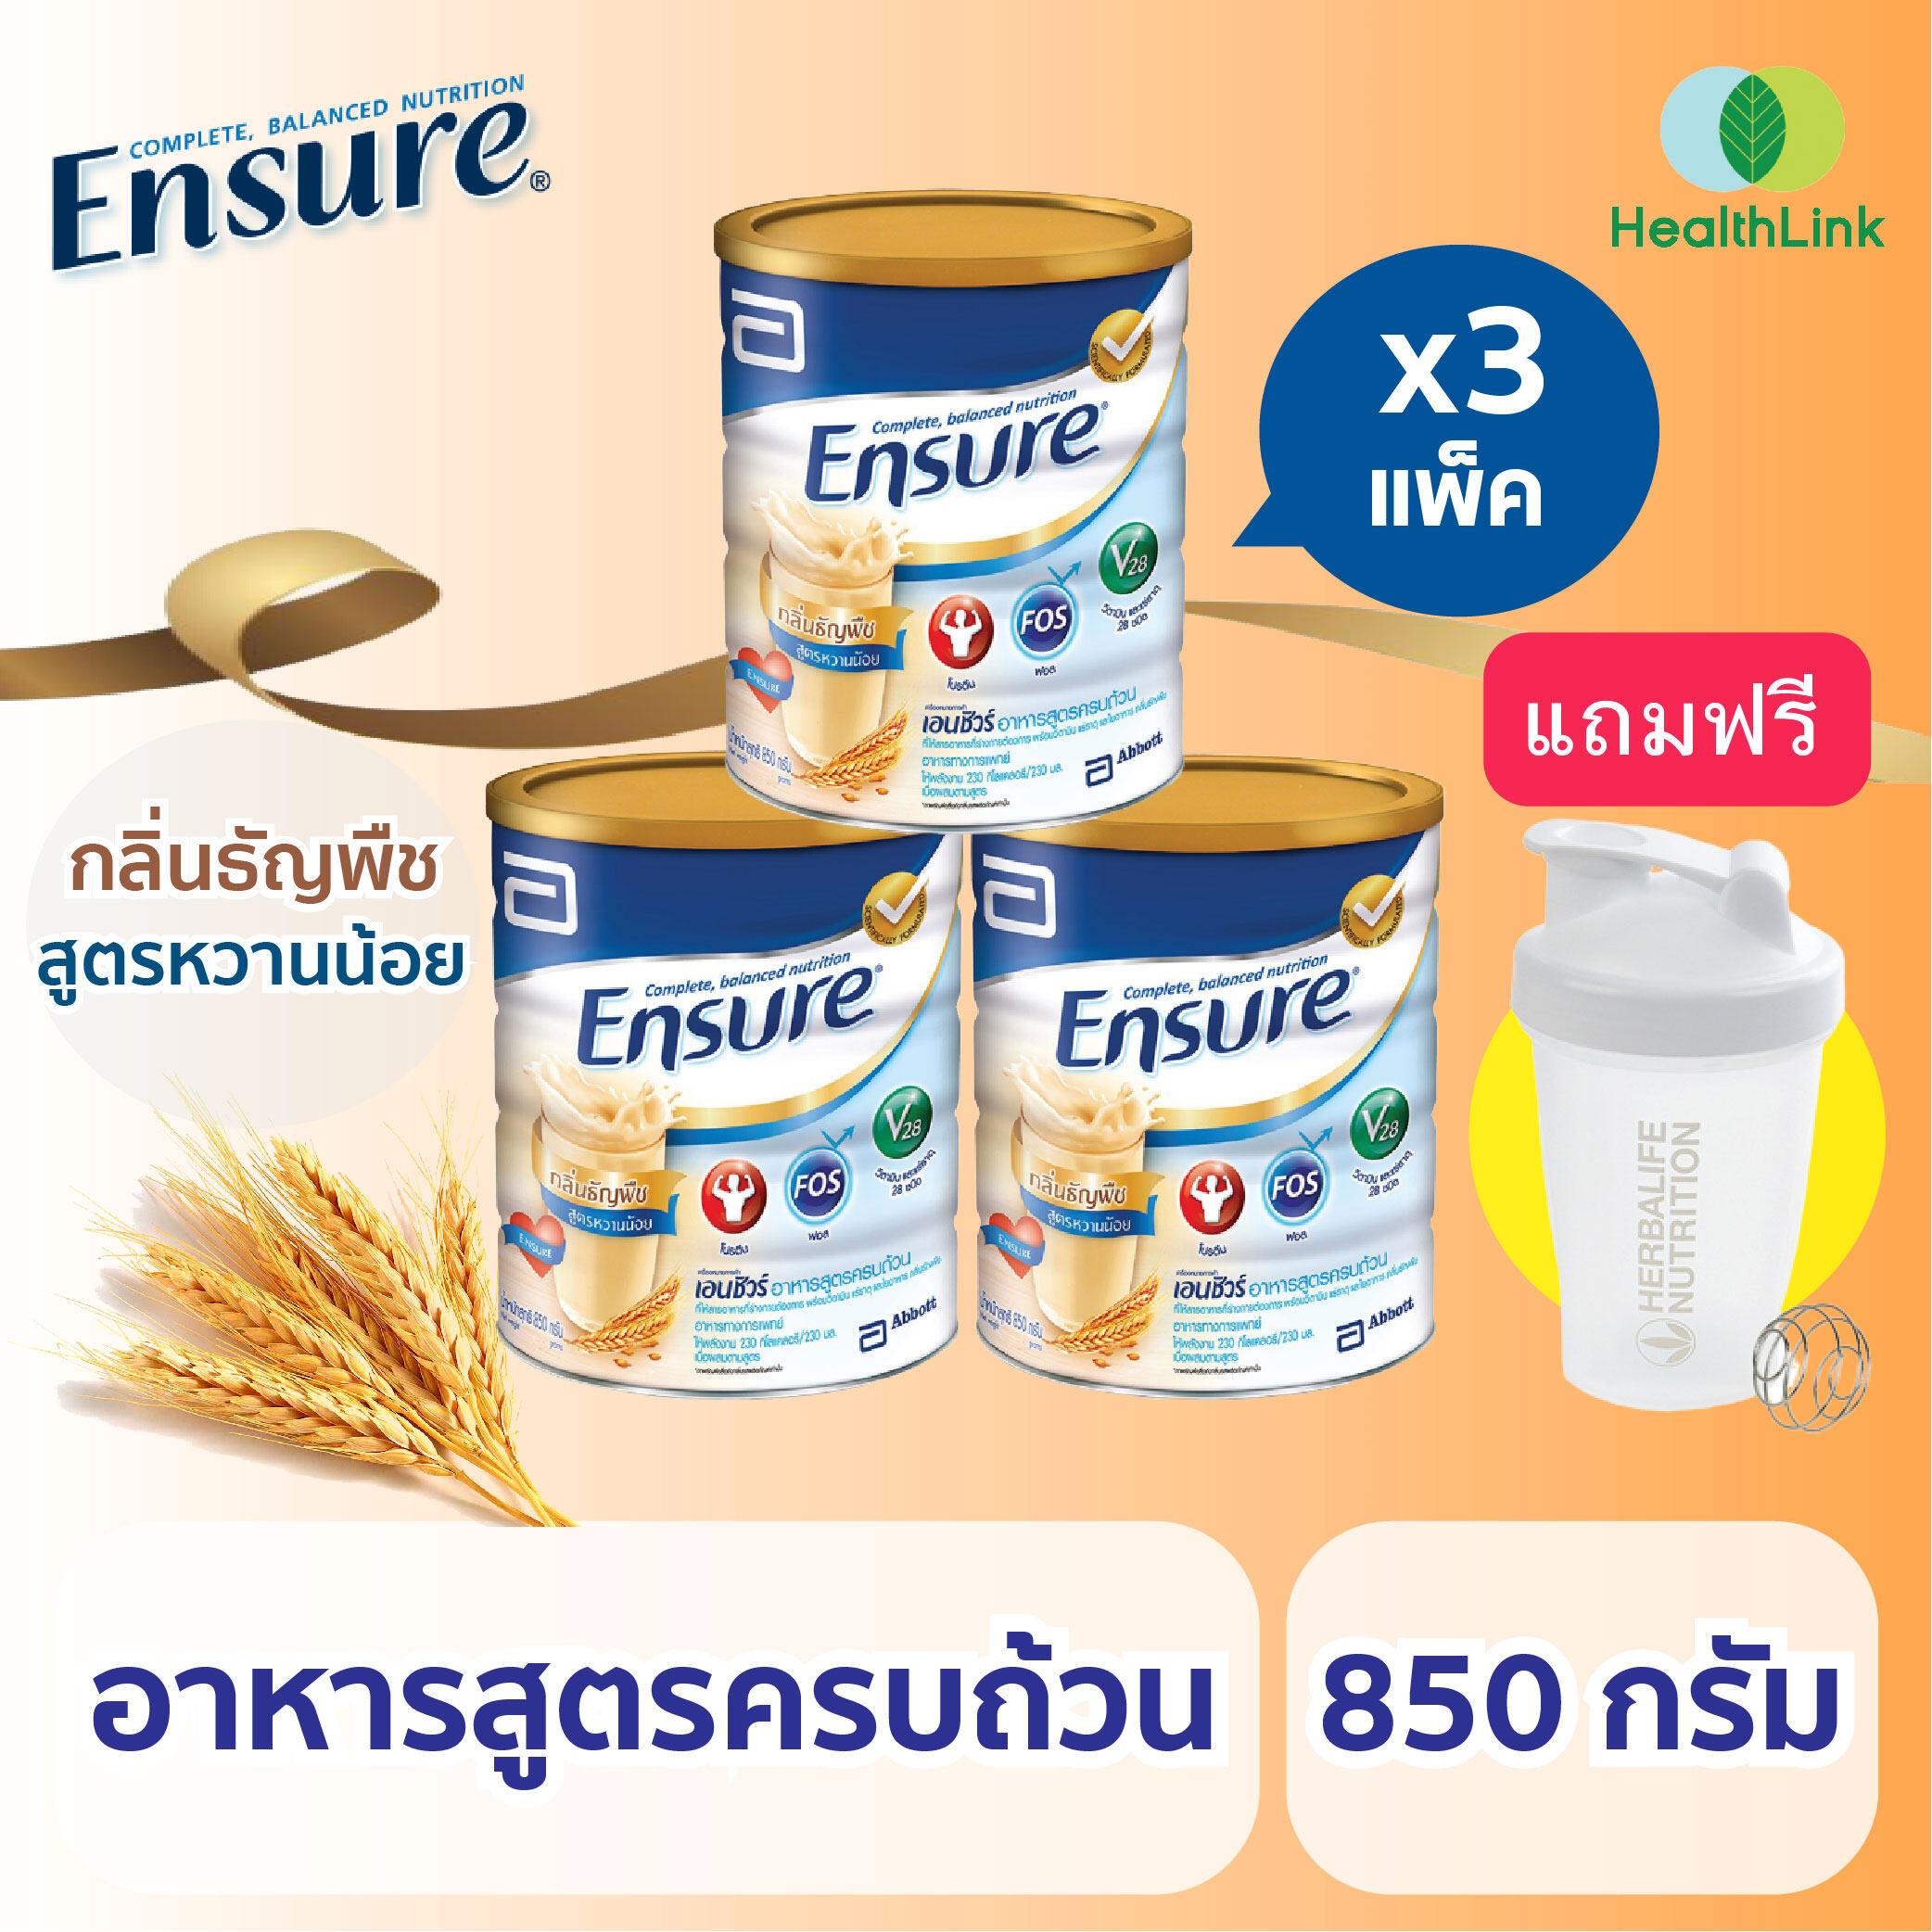 ราคา Ensure เอนชัวร์ อาหารเสริมผู้สูงอายุ เอ็นชัวร์ อาหารสูตรครบถ้วน กลิ่นธัญพืช ชนิดผง 850 กรัม 3 กระป๋อง อาหารเสริมเอนชัวร์ นมเอนชัวร์ เพื่อให้ผู้สูงอายุมีสุขภาพดีทุกวัน (อาหารทางการแพทย์) - HealthLink